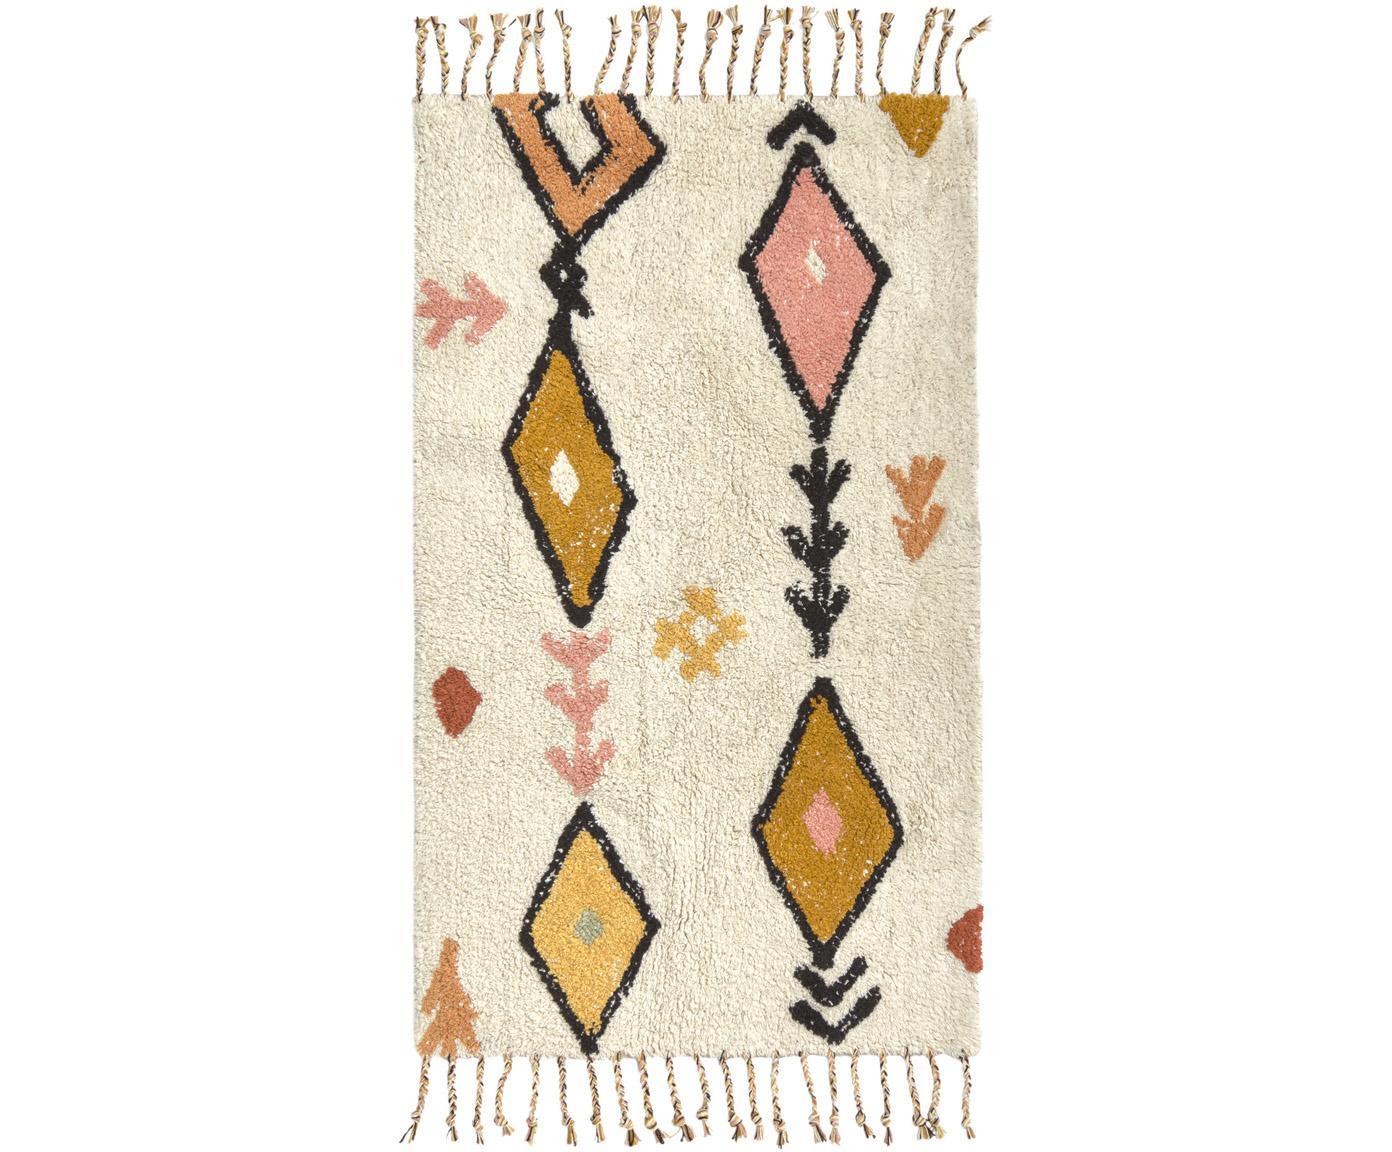 Teppich Bereber mit Ethno-Muster und Fransen, 100% Baumwolle, Cremefarben, Mehrfarbig, B 60 x L 90 cm (Grösse XXS)